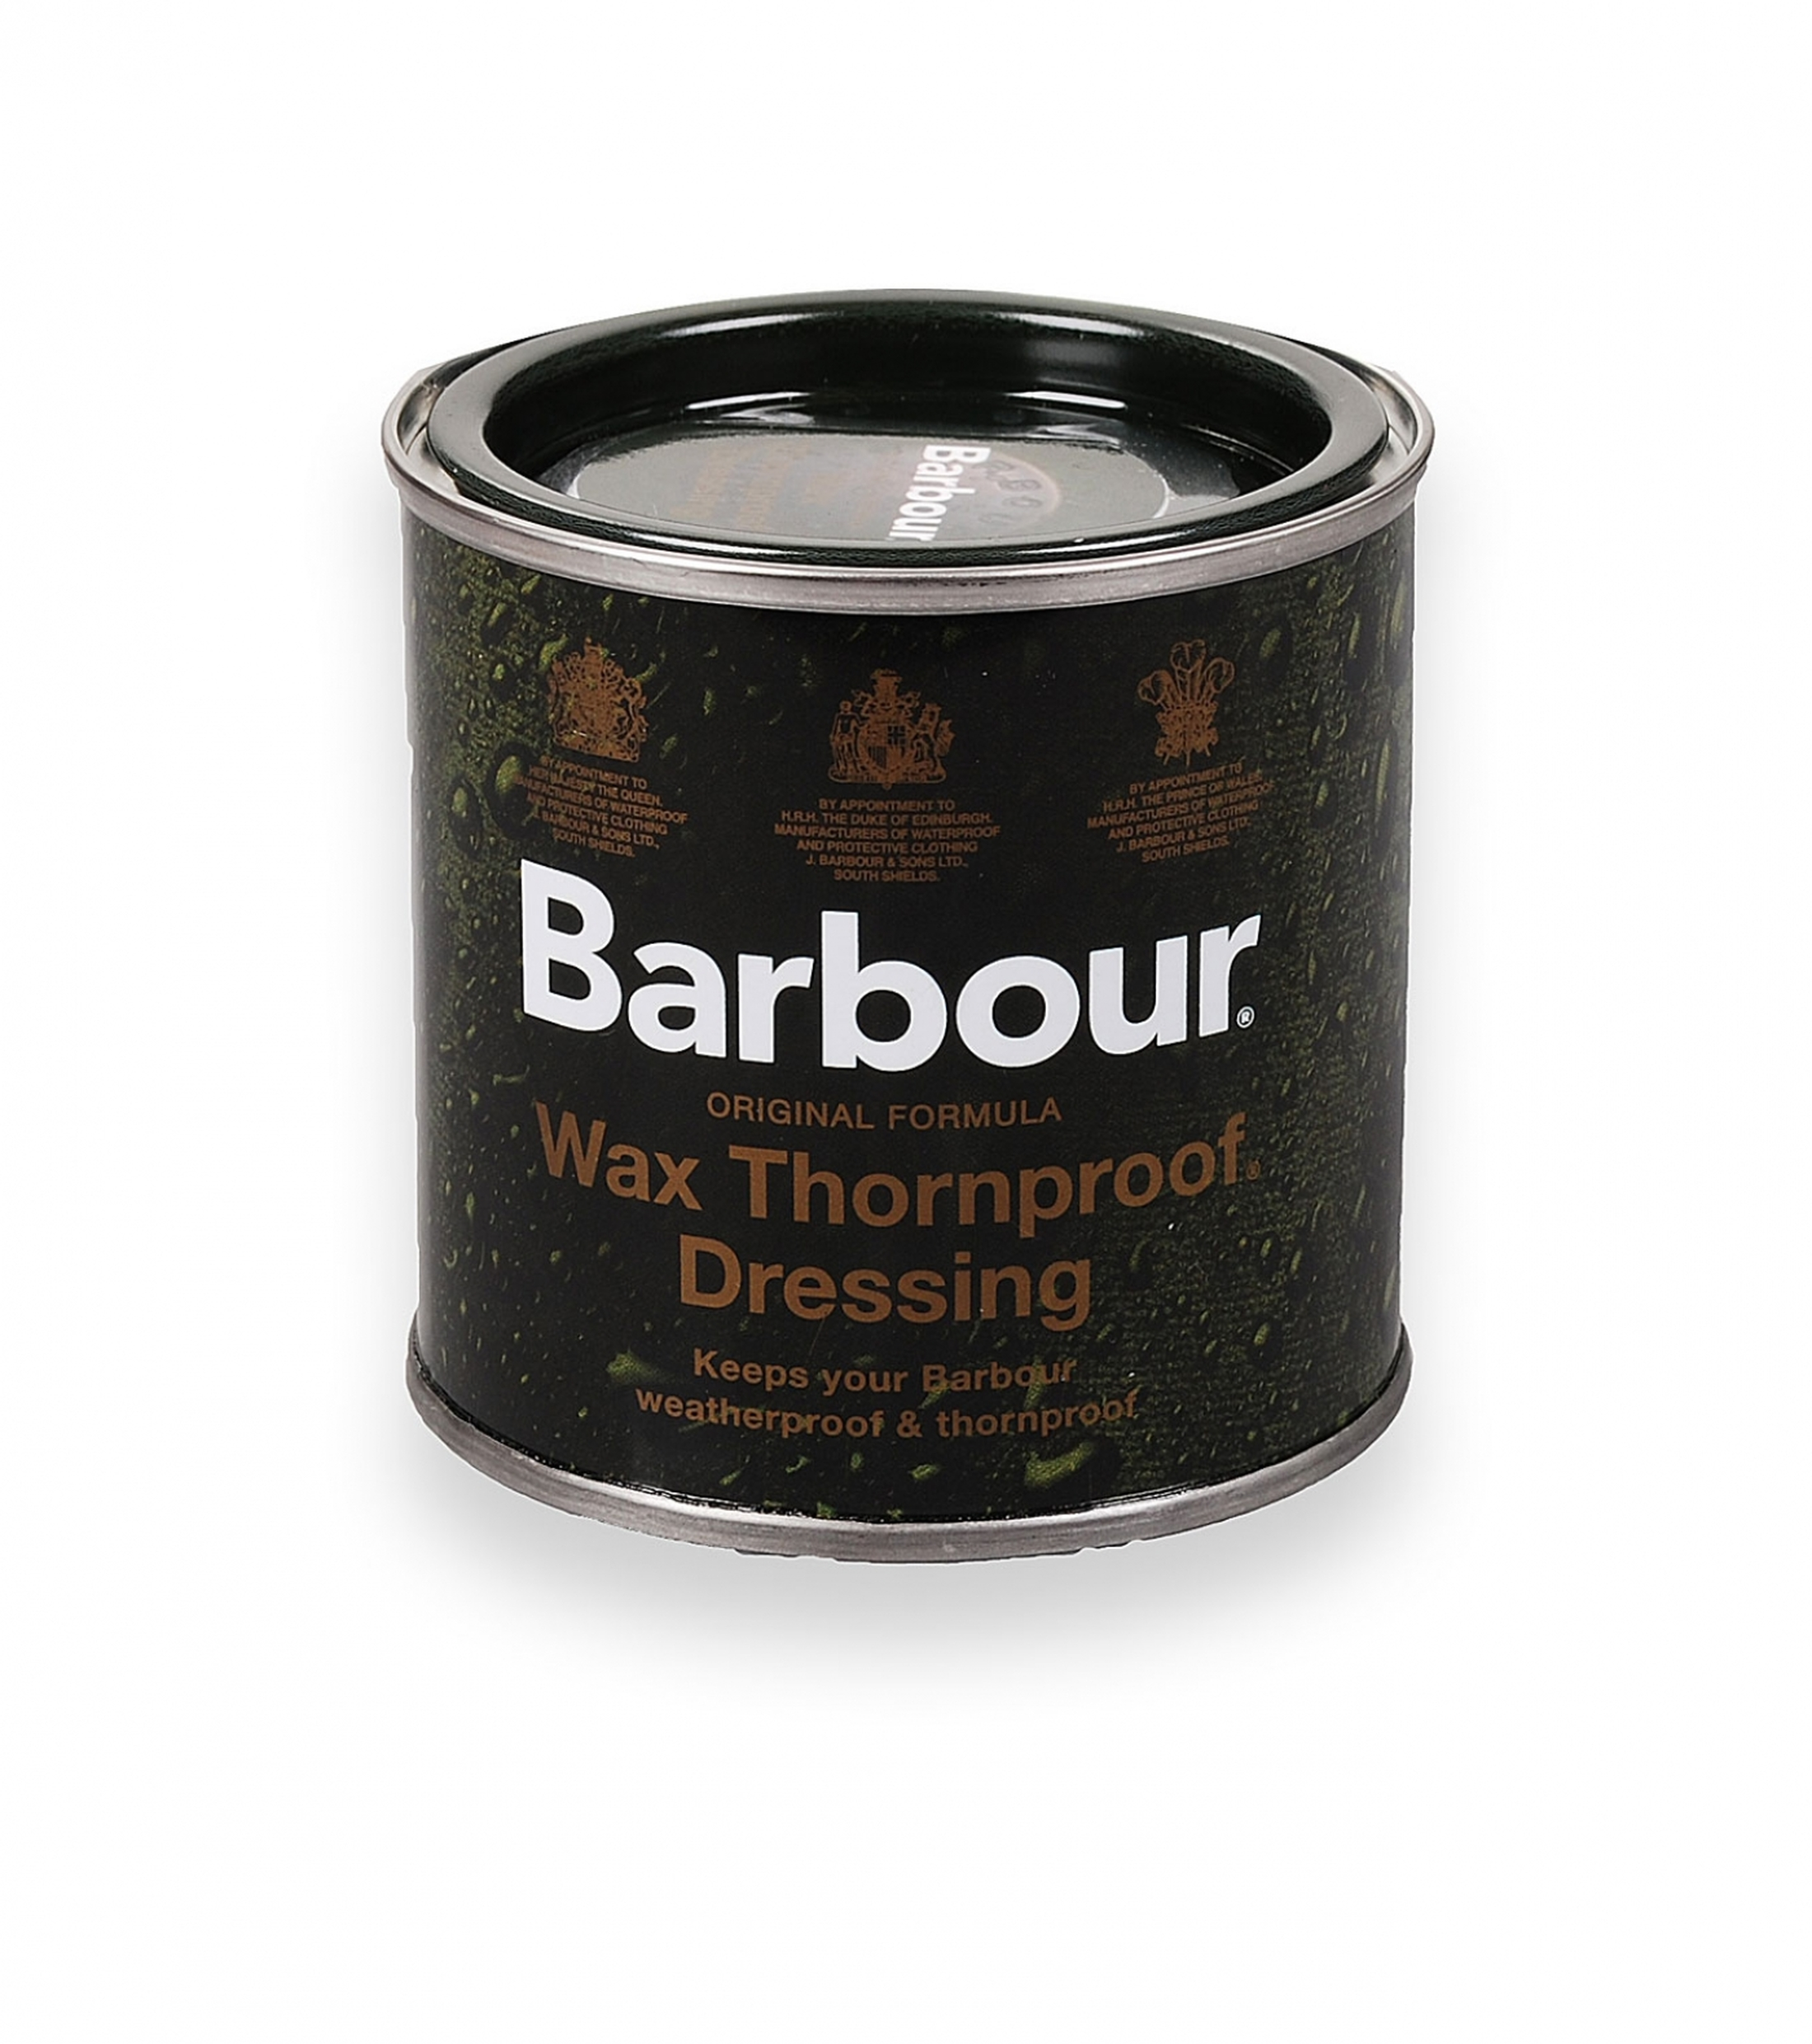 Barbour Wax Thornproof